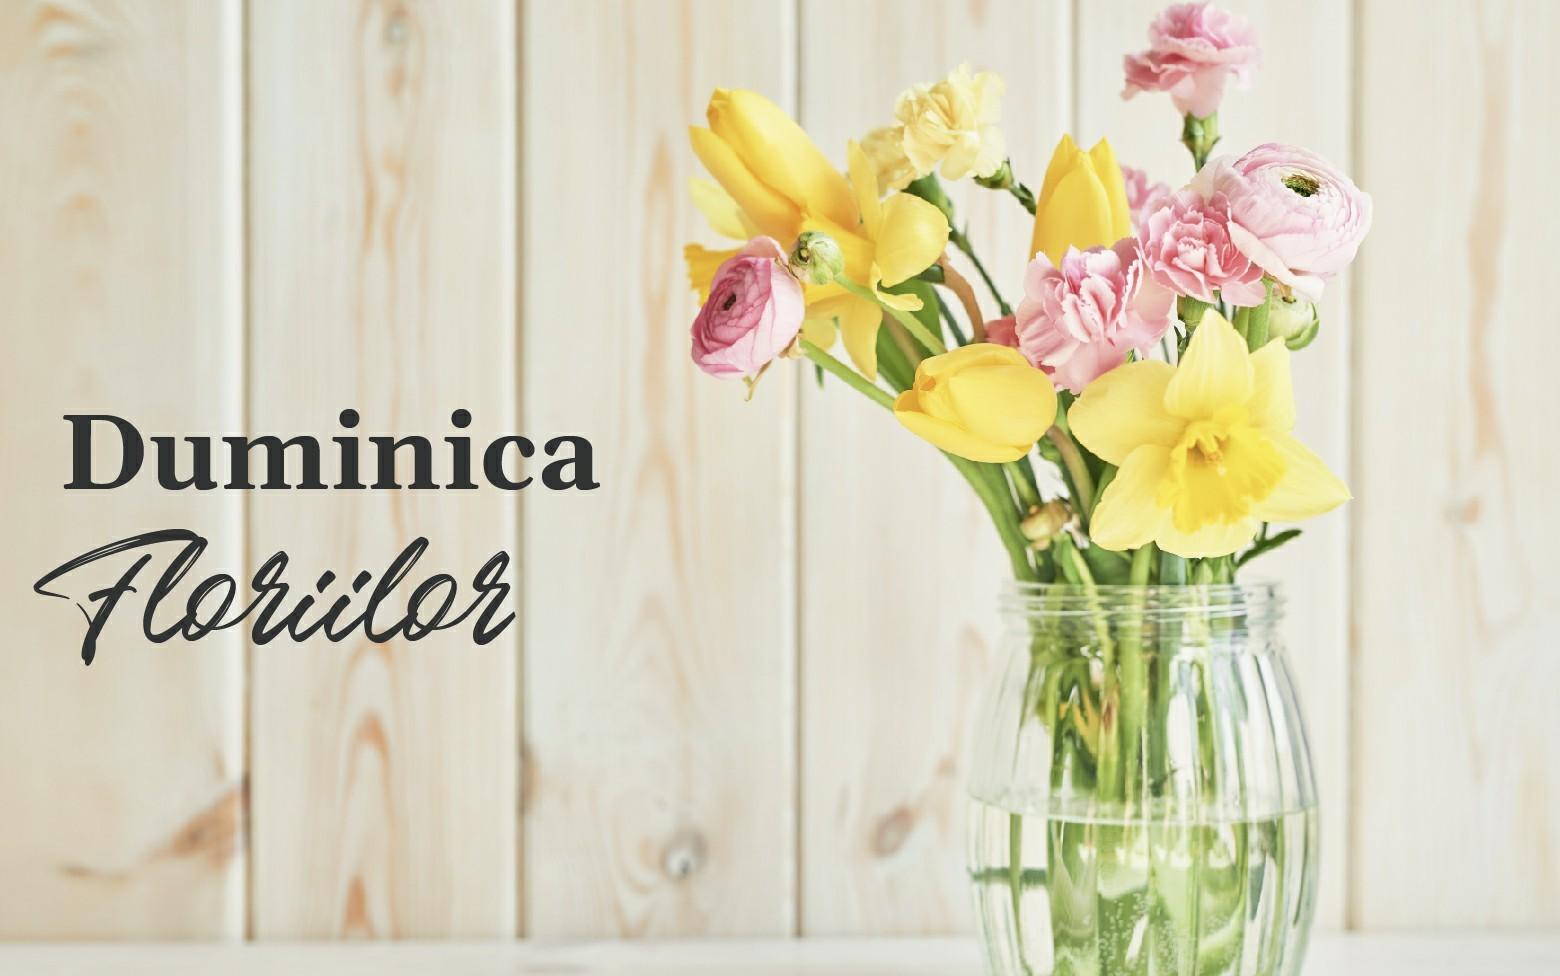 Flori-de-florii-duminica-floriilor